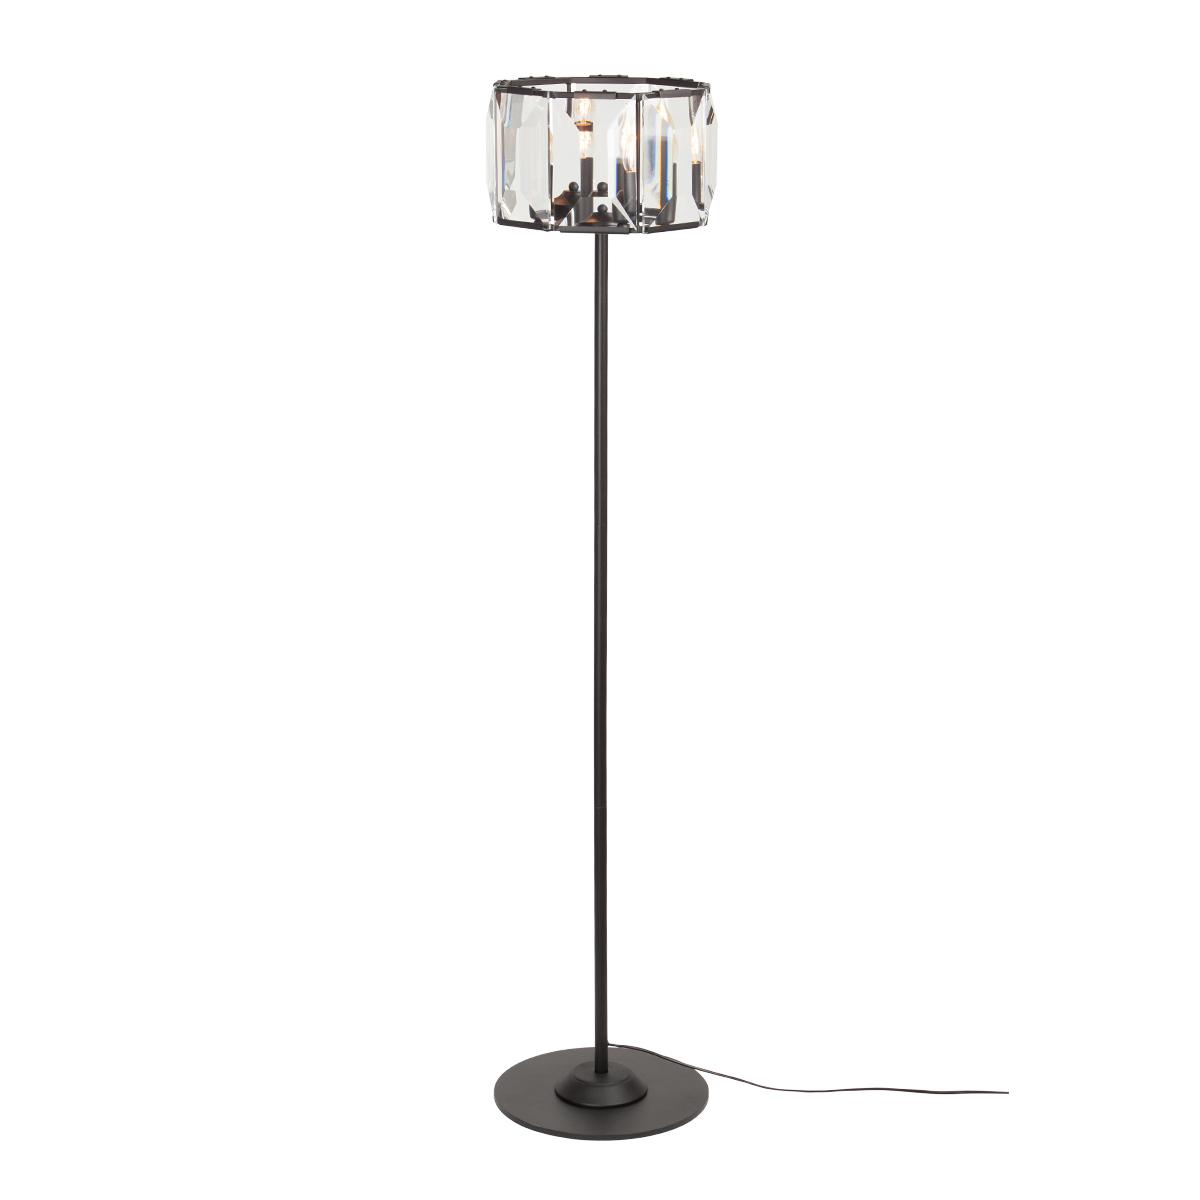 Светильник напольный Vitaluce V5215-1/4P, 4хЕ14 макс. 40Вт